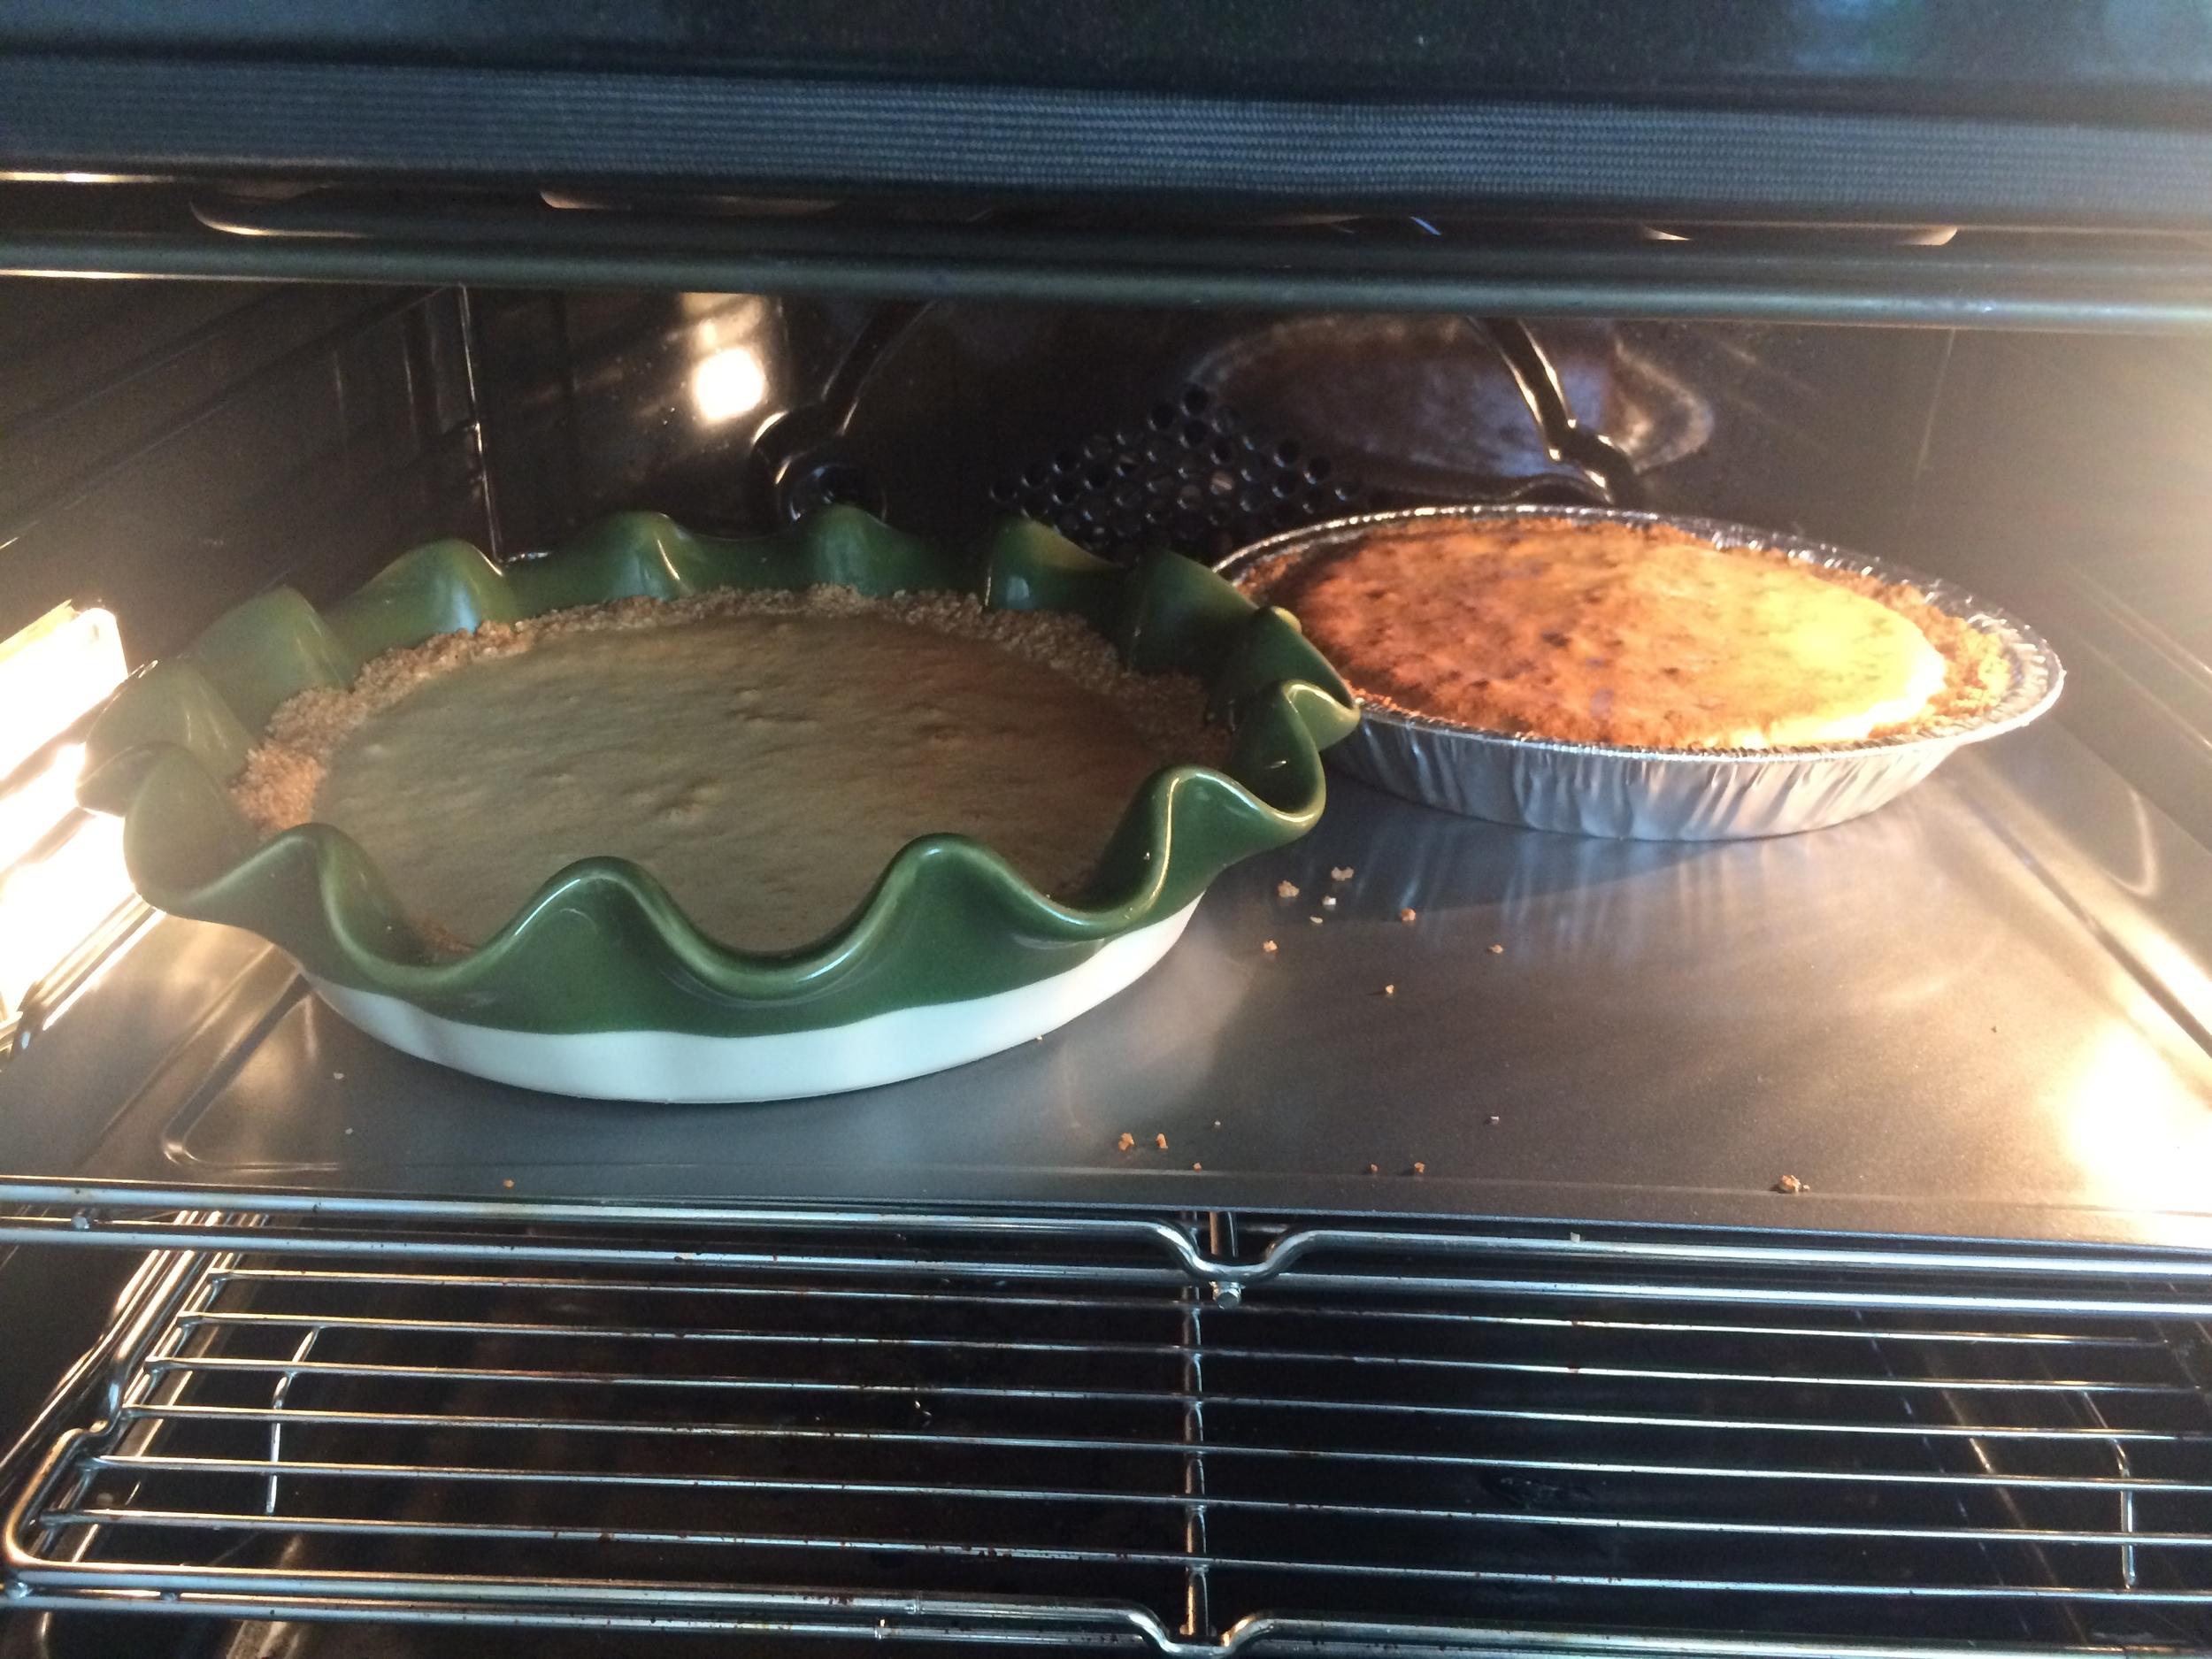 Asse por aproximadamente 20 minutos (sempre depende do forno). A superfície da tarta deve estar dourada, mas o interior ainda meio-líquido. Para saber, bata com a mão na porta ou lateral do forno. O recheio deve mover-se um pouco. Assim que atingir este ponto, abra a porta do forno e reduza a temperatura para 160 graus. Mantenha a porta do forno aberta por aproximadamente 7 minutos, para deixar a temperatura arrefecer. Feche a porta do forno e asse as tartas por mais uns 15 minutos. O ponto certo é quando somente o centro da torta ainda se move um pouco quando se bate na porta ou na lateral do forno. Desligue o fogo e deixe as tartas dentro por mais uns 7 minutos.